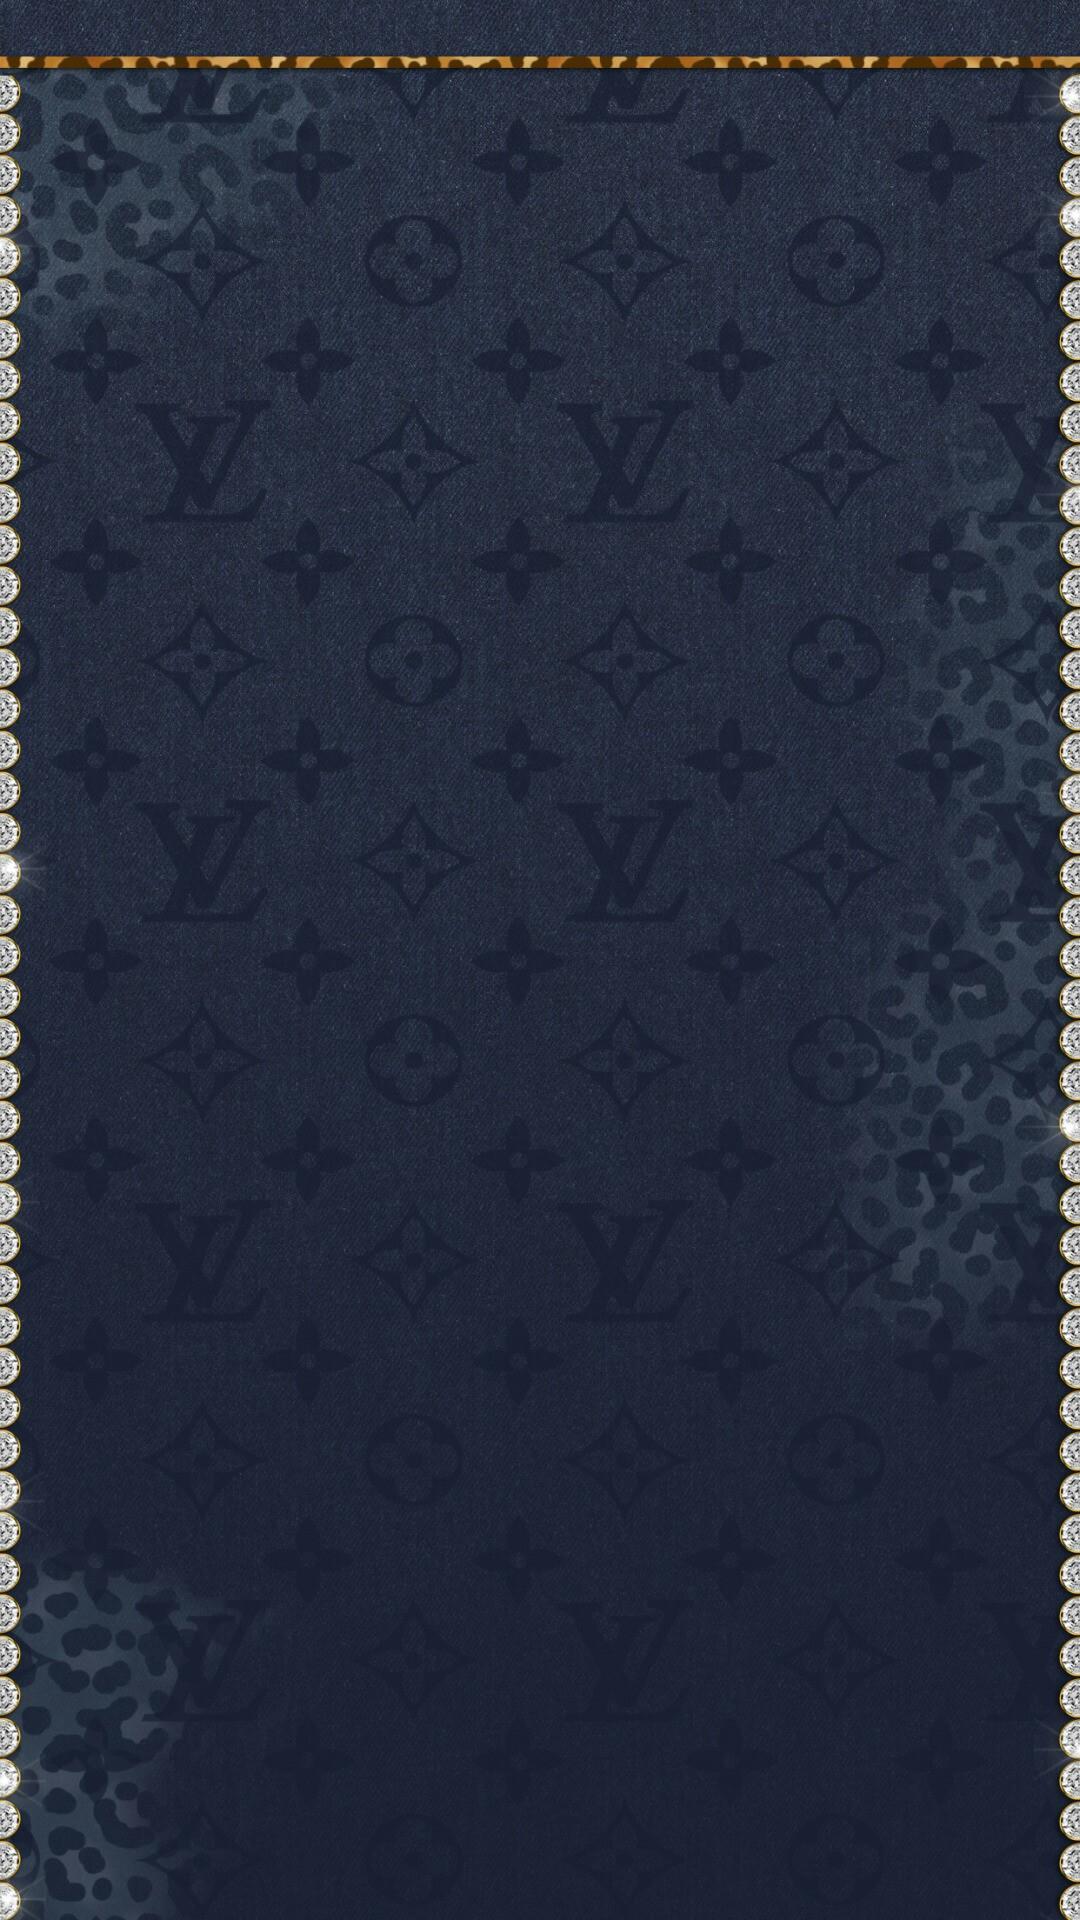 bcaacbabefdbad-wallpaper-wp4801713